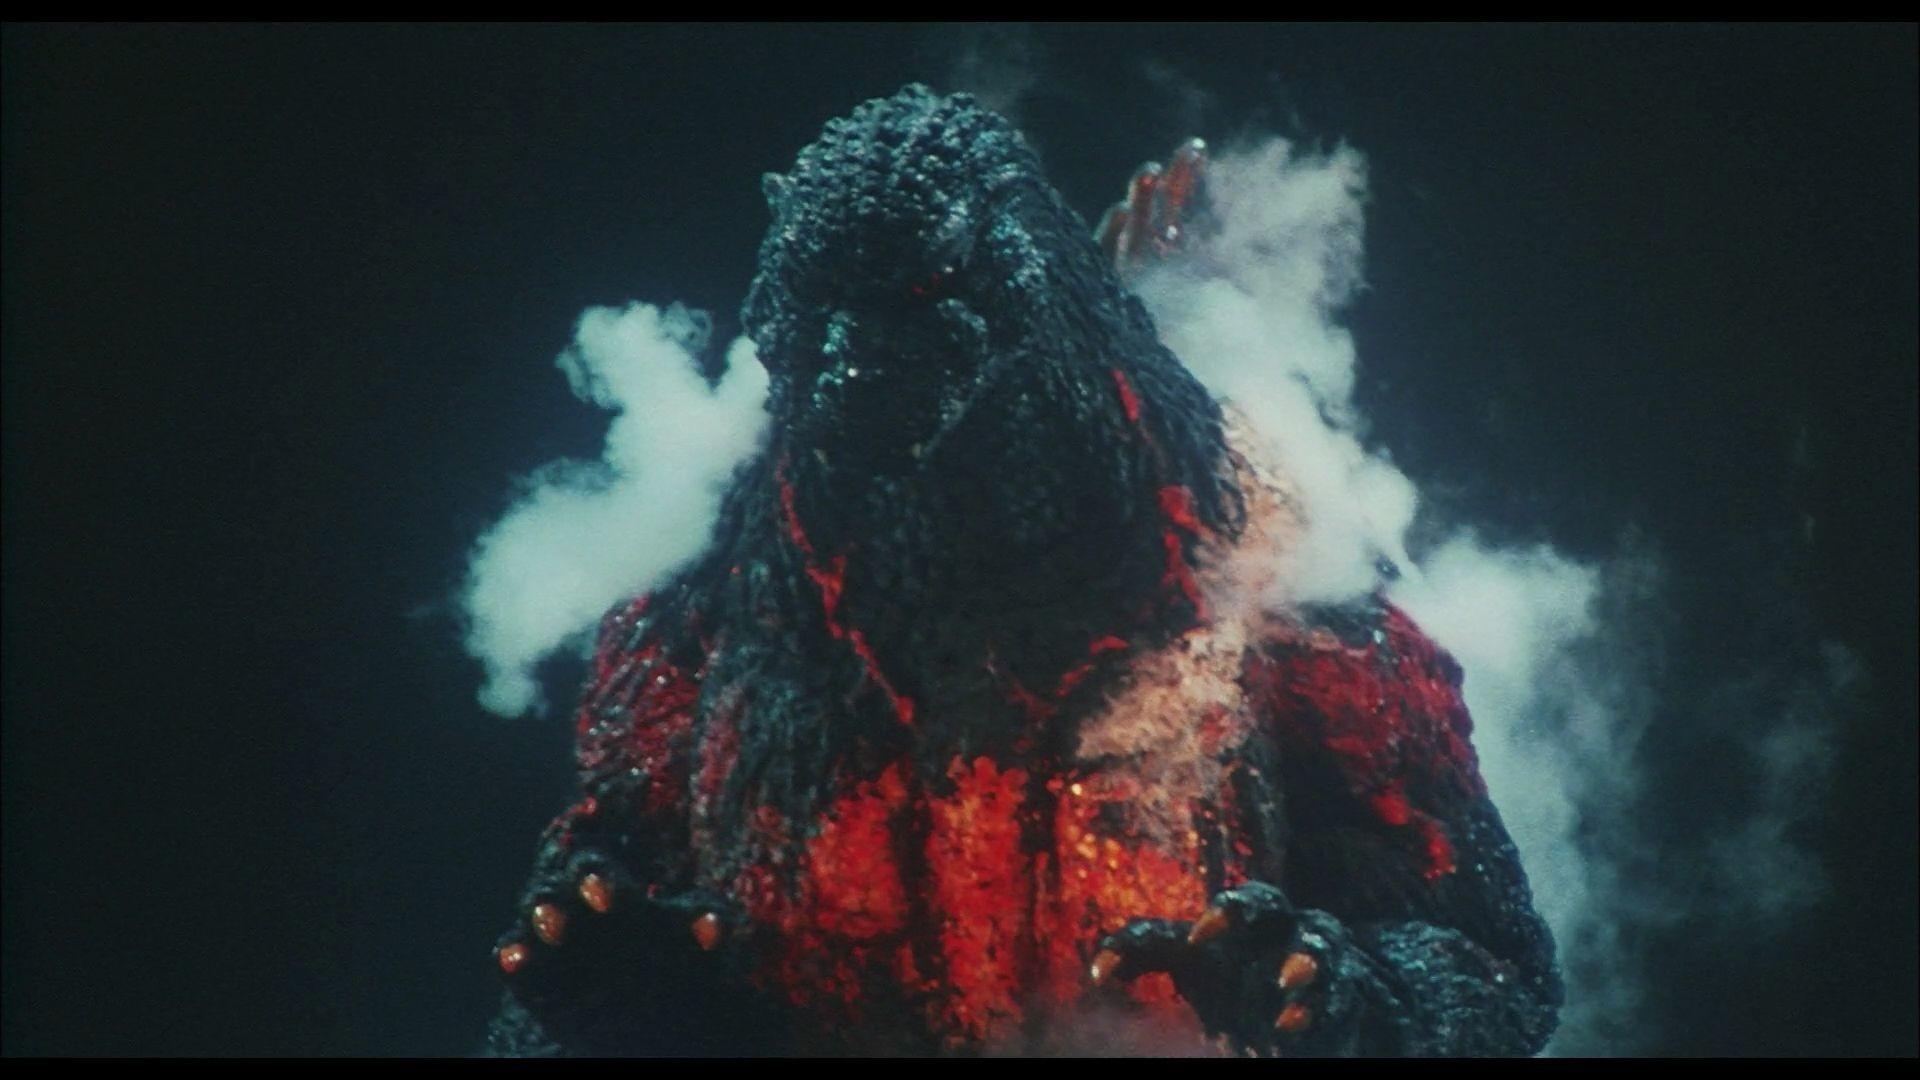 Res: 1920x1080, Godzilla (1954), Radon (Rodan), Mothra, Godzilla vs. Biollante .